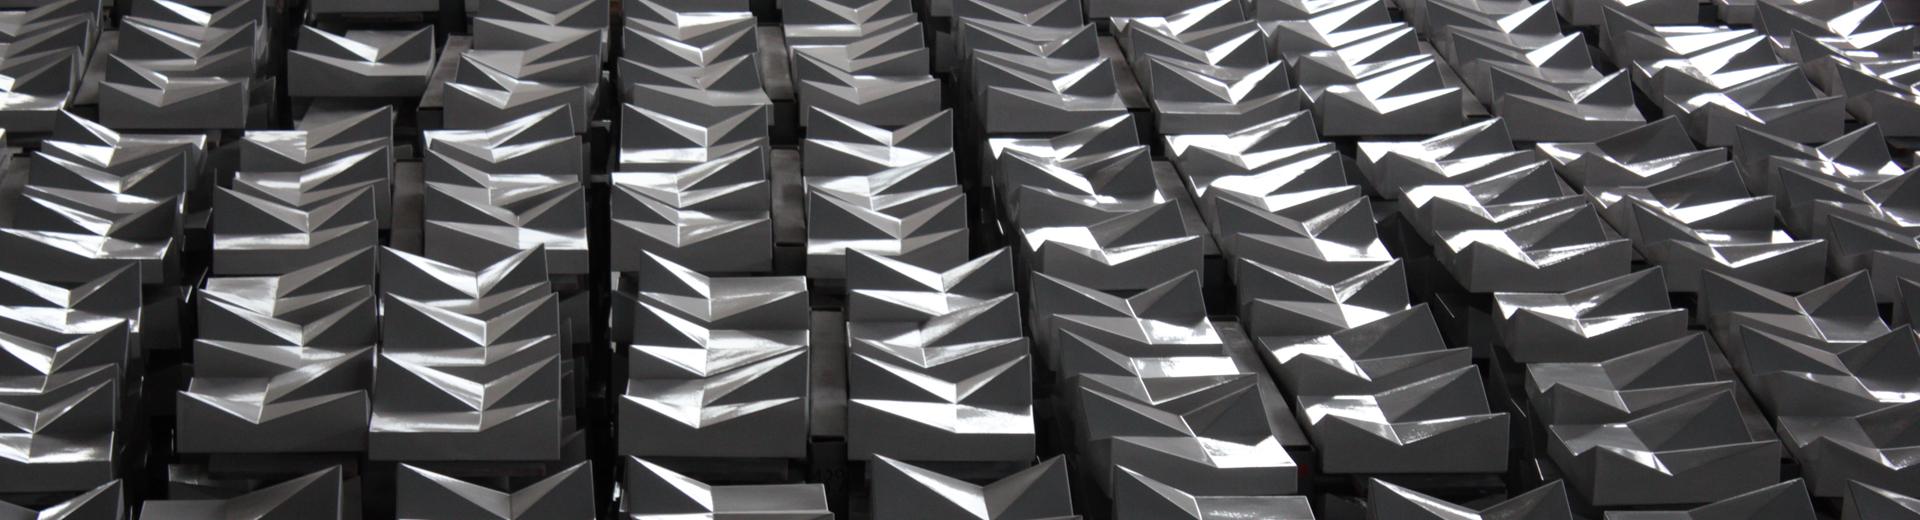 Keramikfassade Sonderkeramik 3D-Keramik Fassade